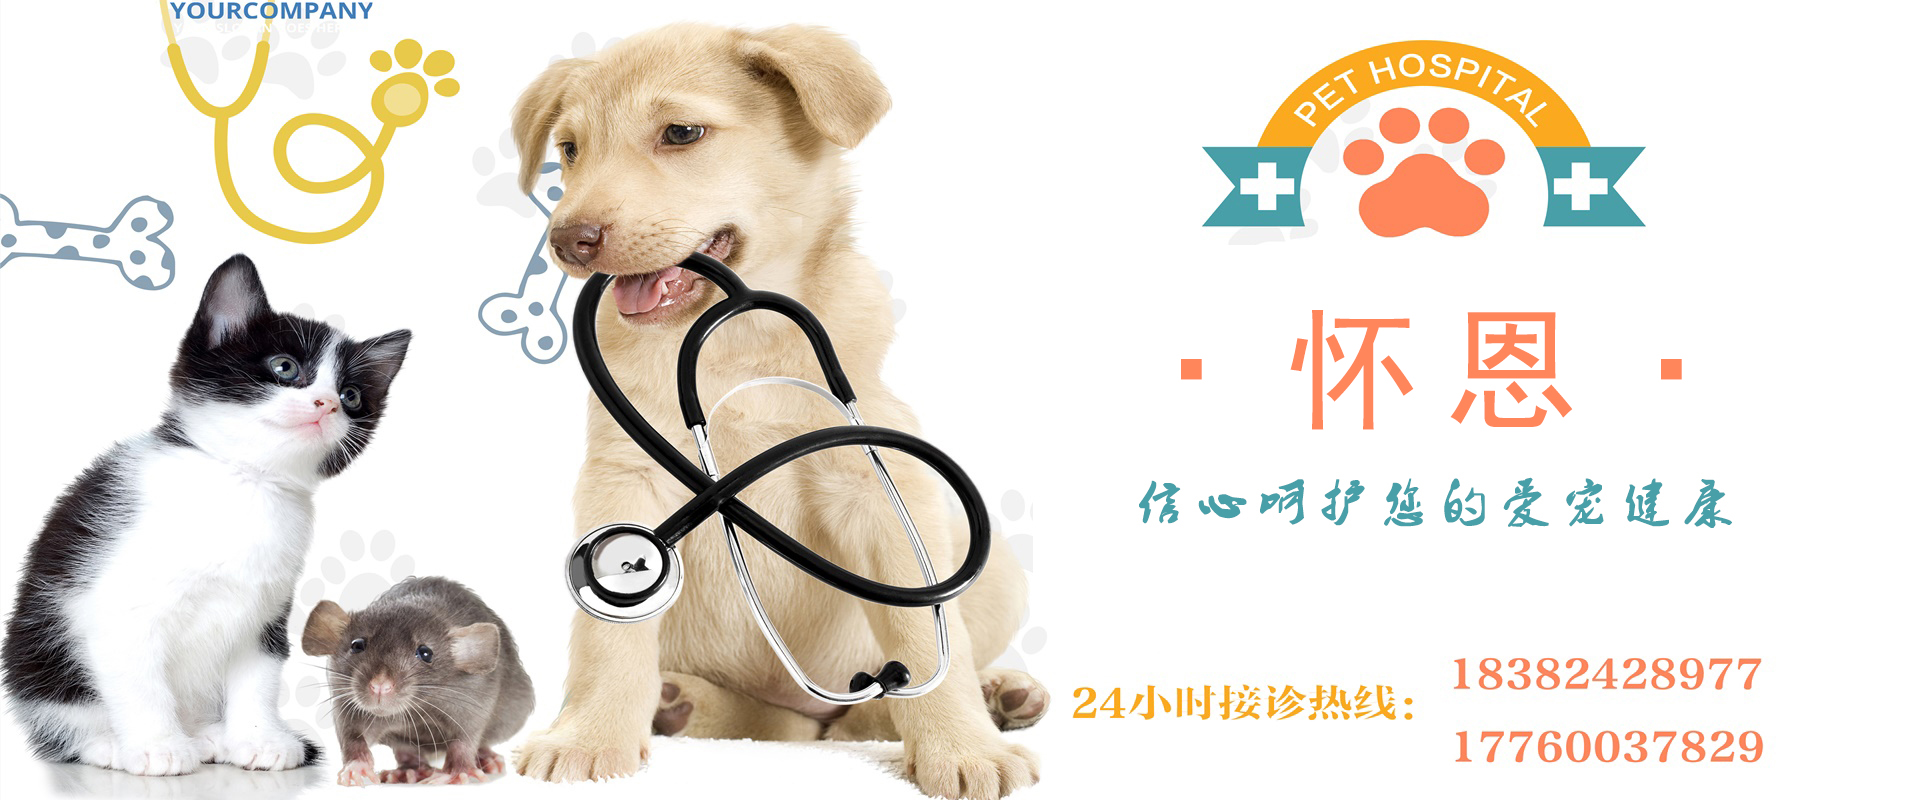 眉山宠物医院(怀恩动物医院)位于东坡区,我们24小时接诊!